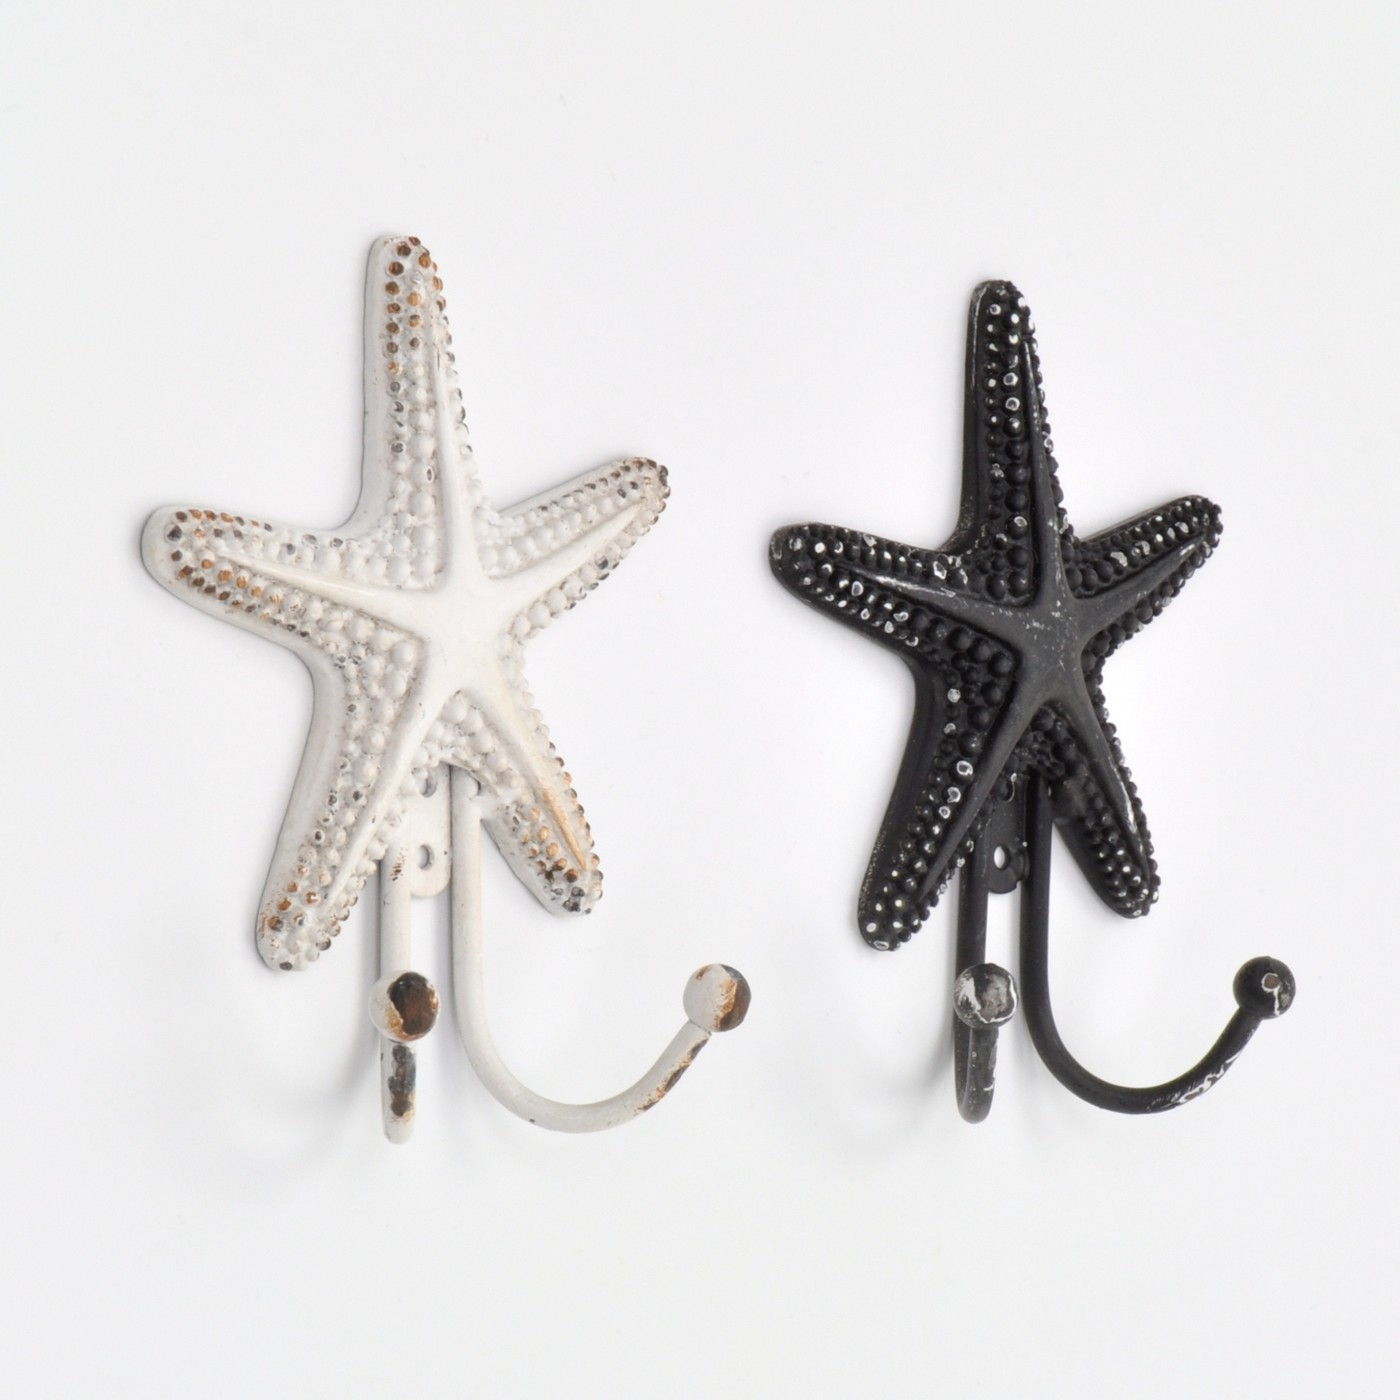 Coastal Sea Star Fish Coat Hook Hooks Wall Mounted Door